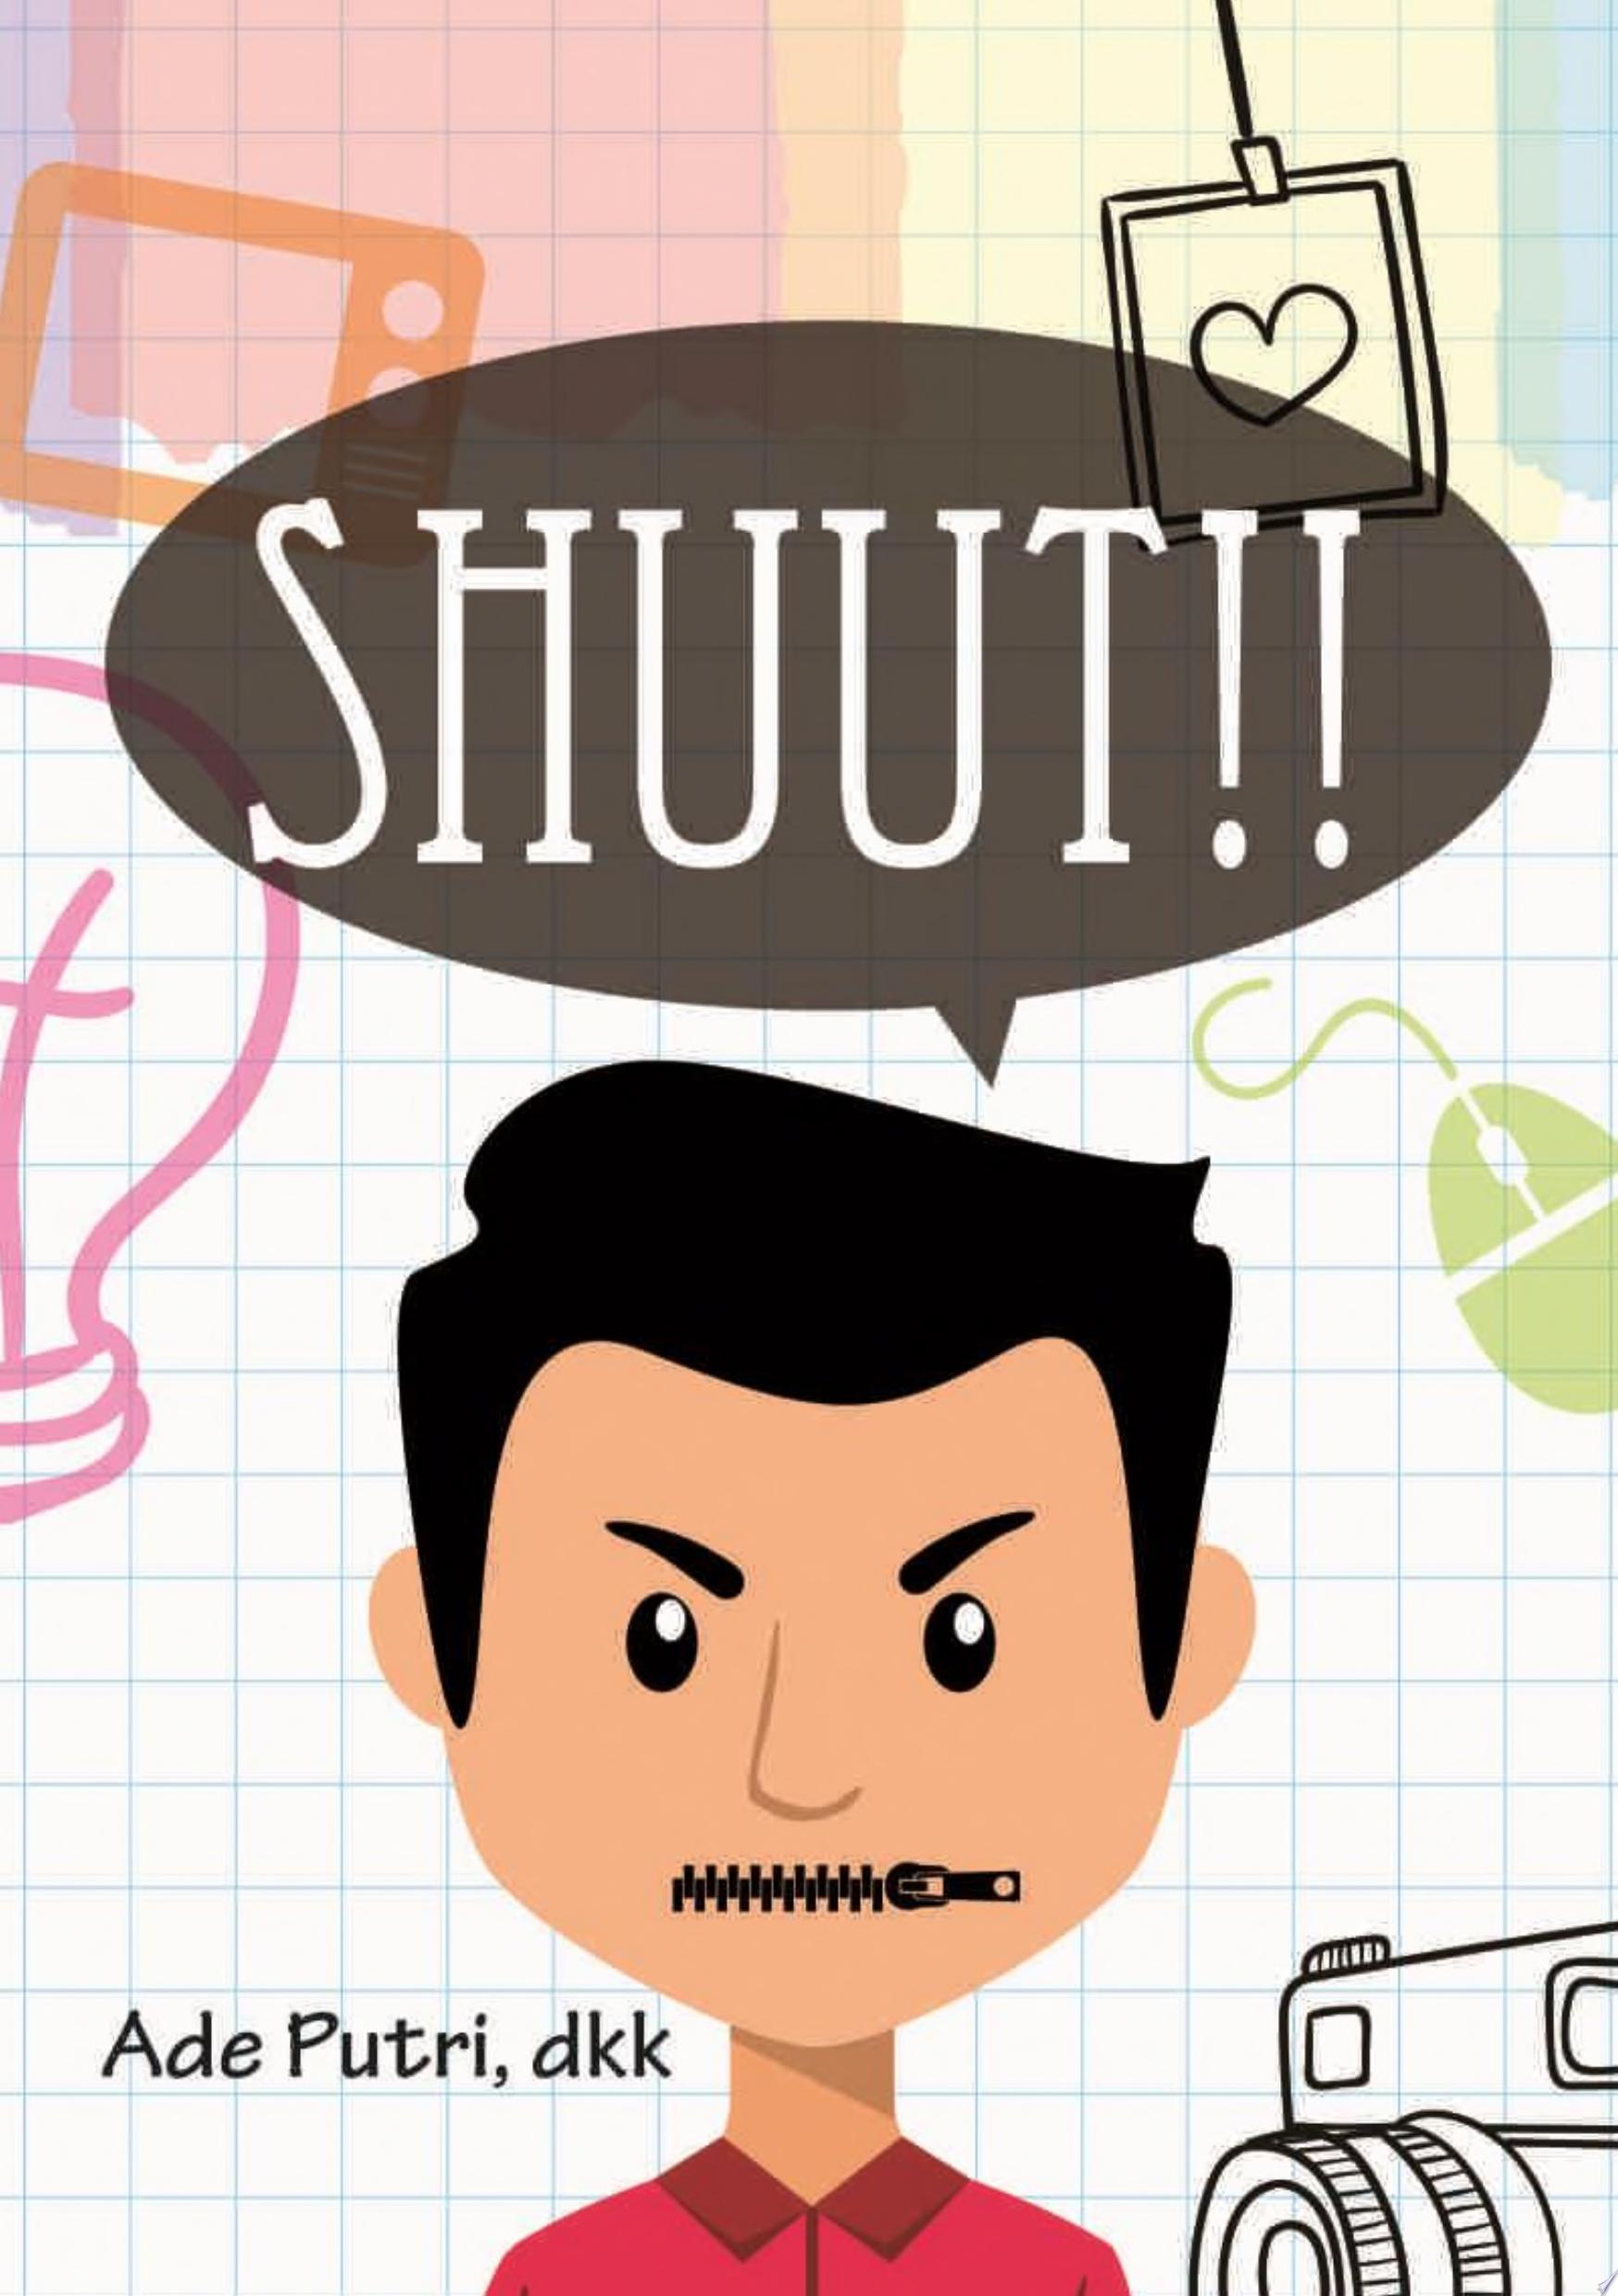 Shuutt